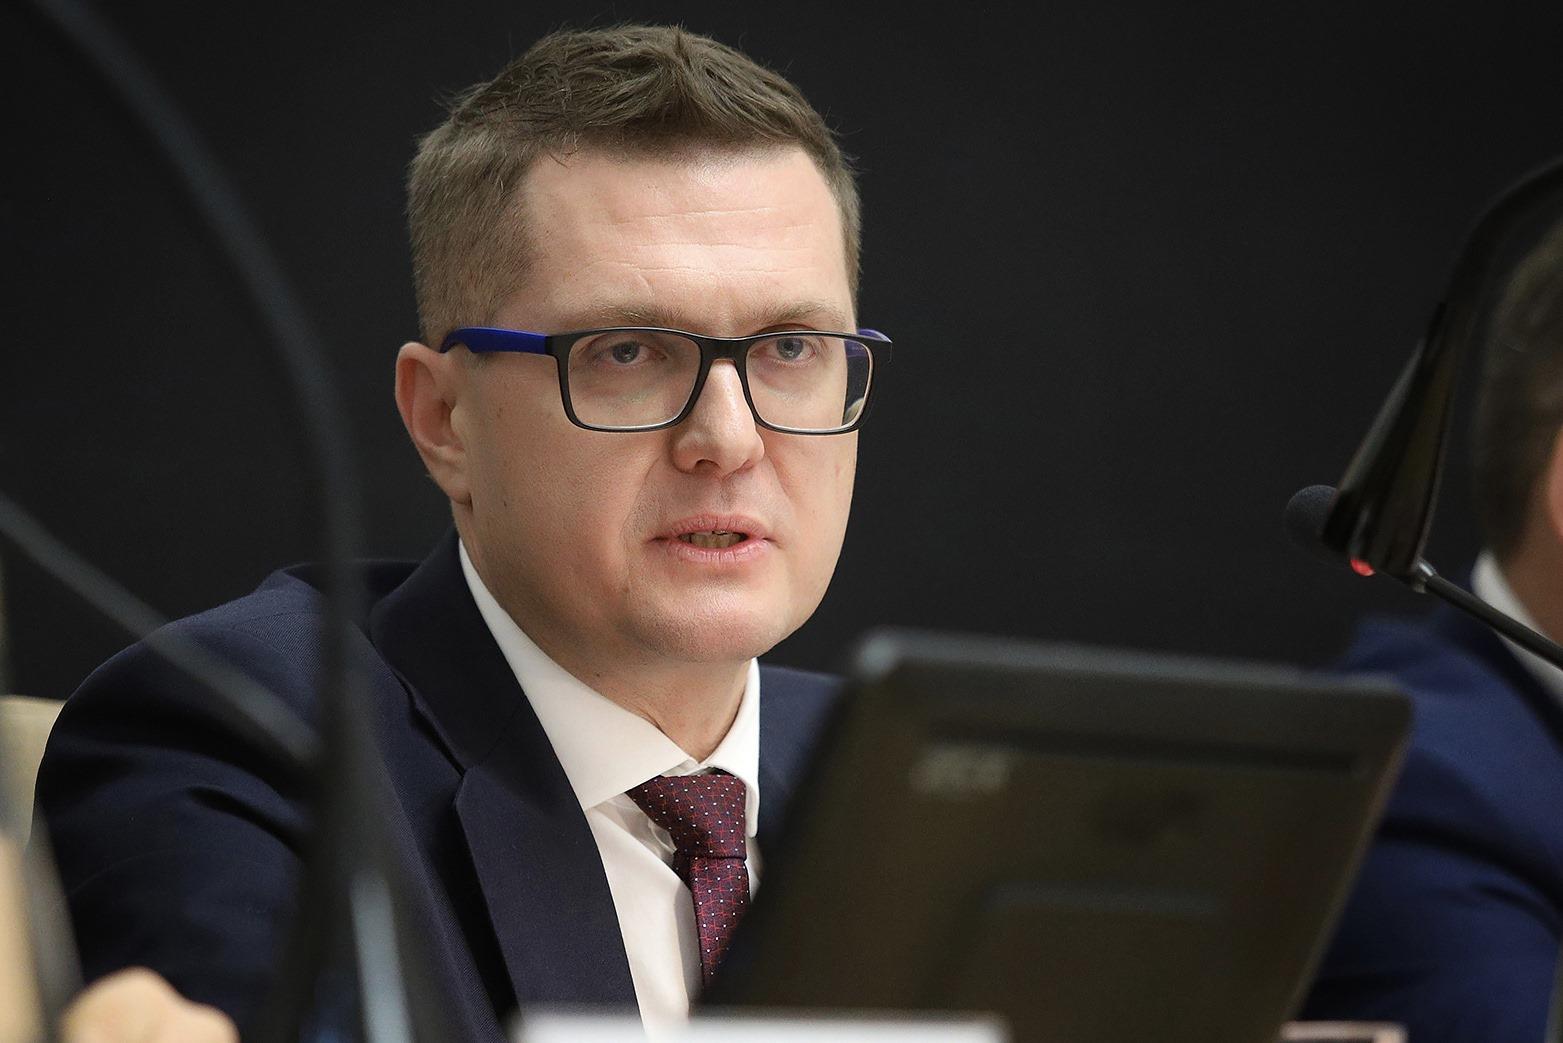 Іноземні спецслужби намагаються дестабілізувати Одещину: заява голови СБУ